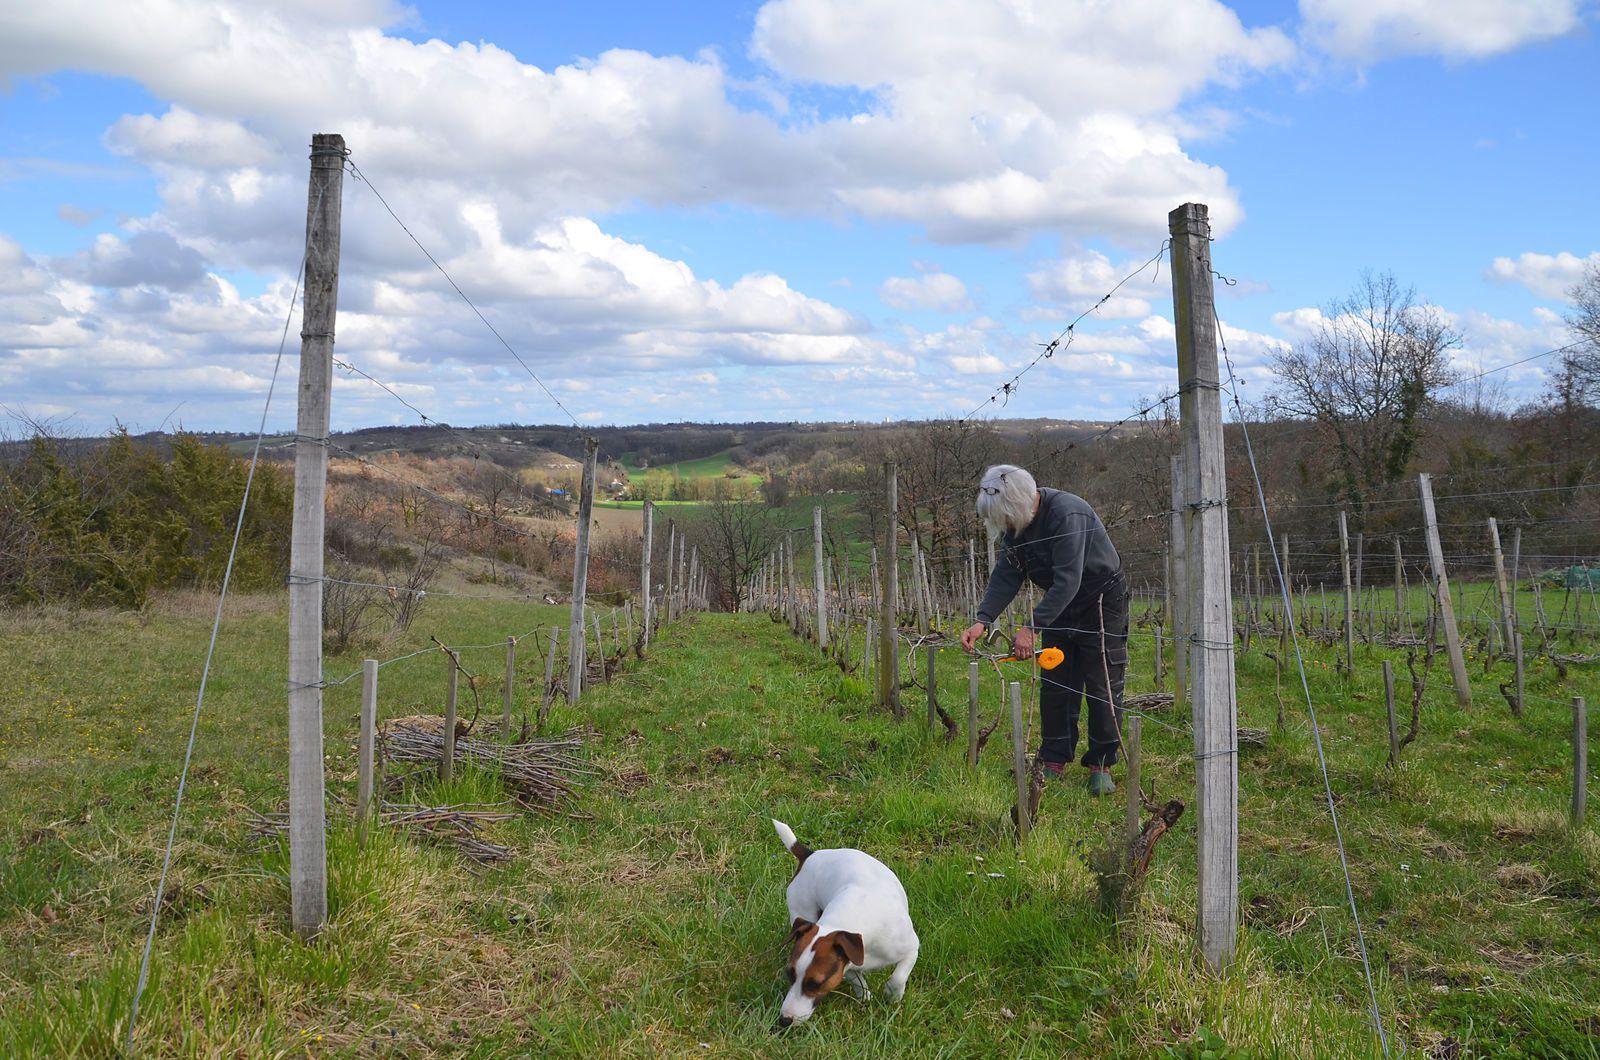 Domaine Les Cyprès - travail dans la vigne - tableau en cours